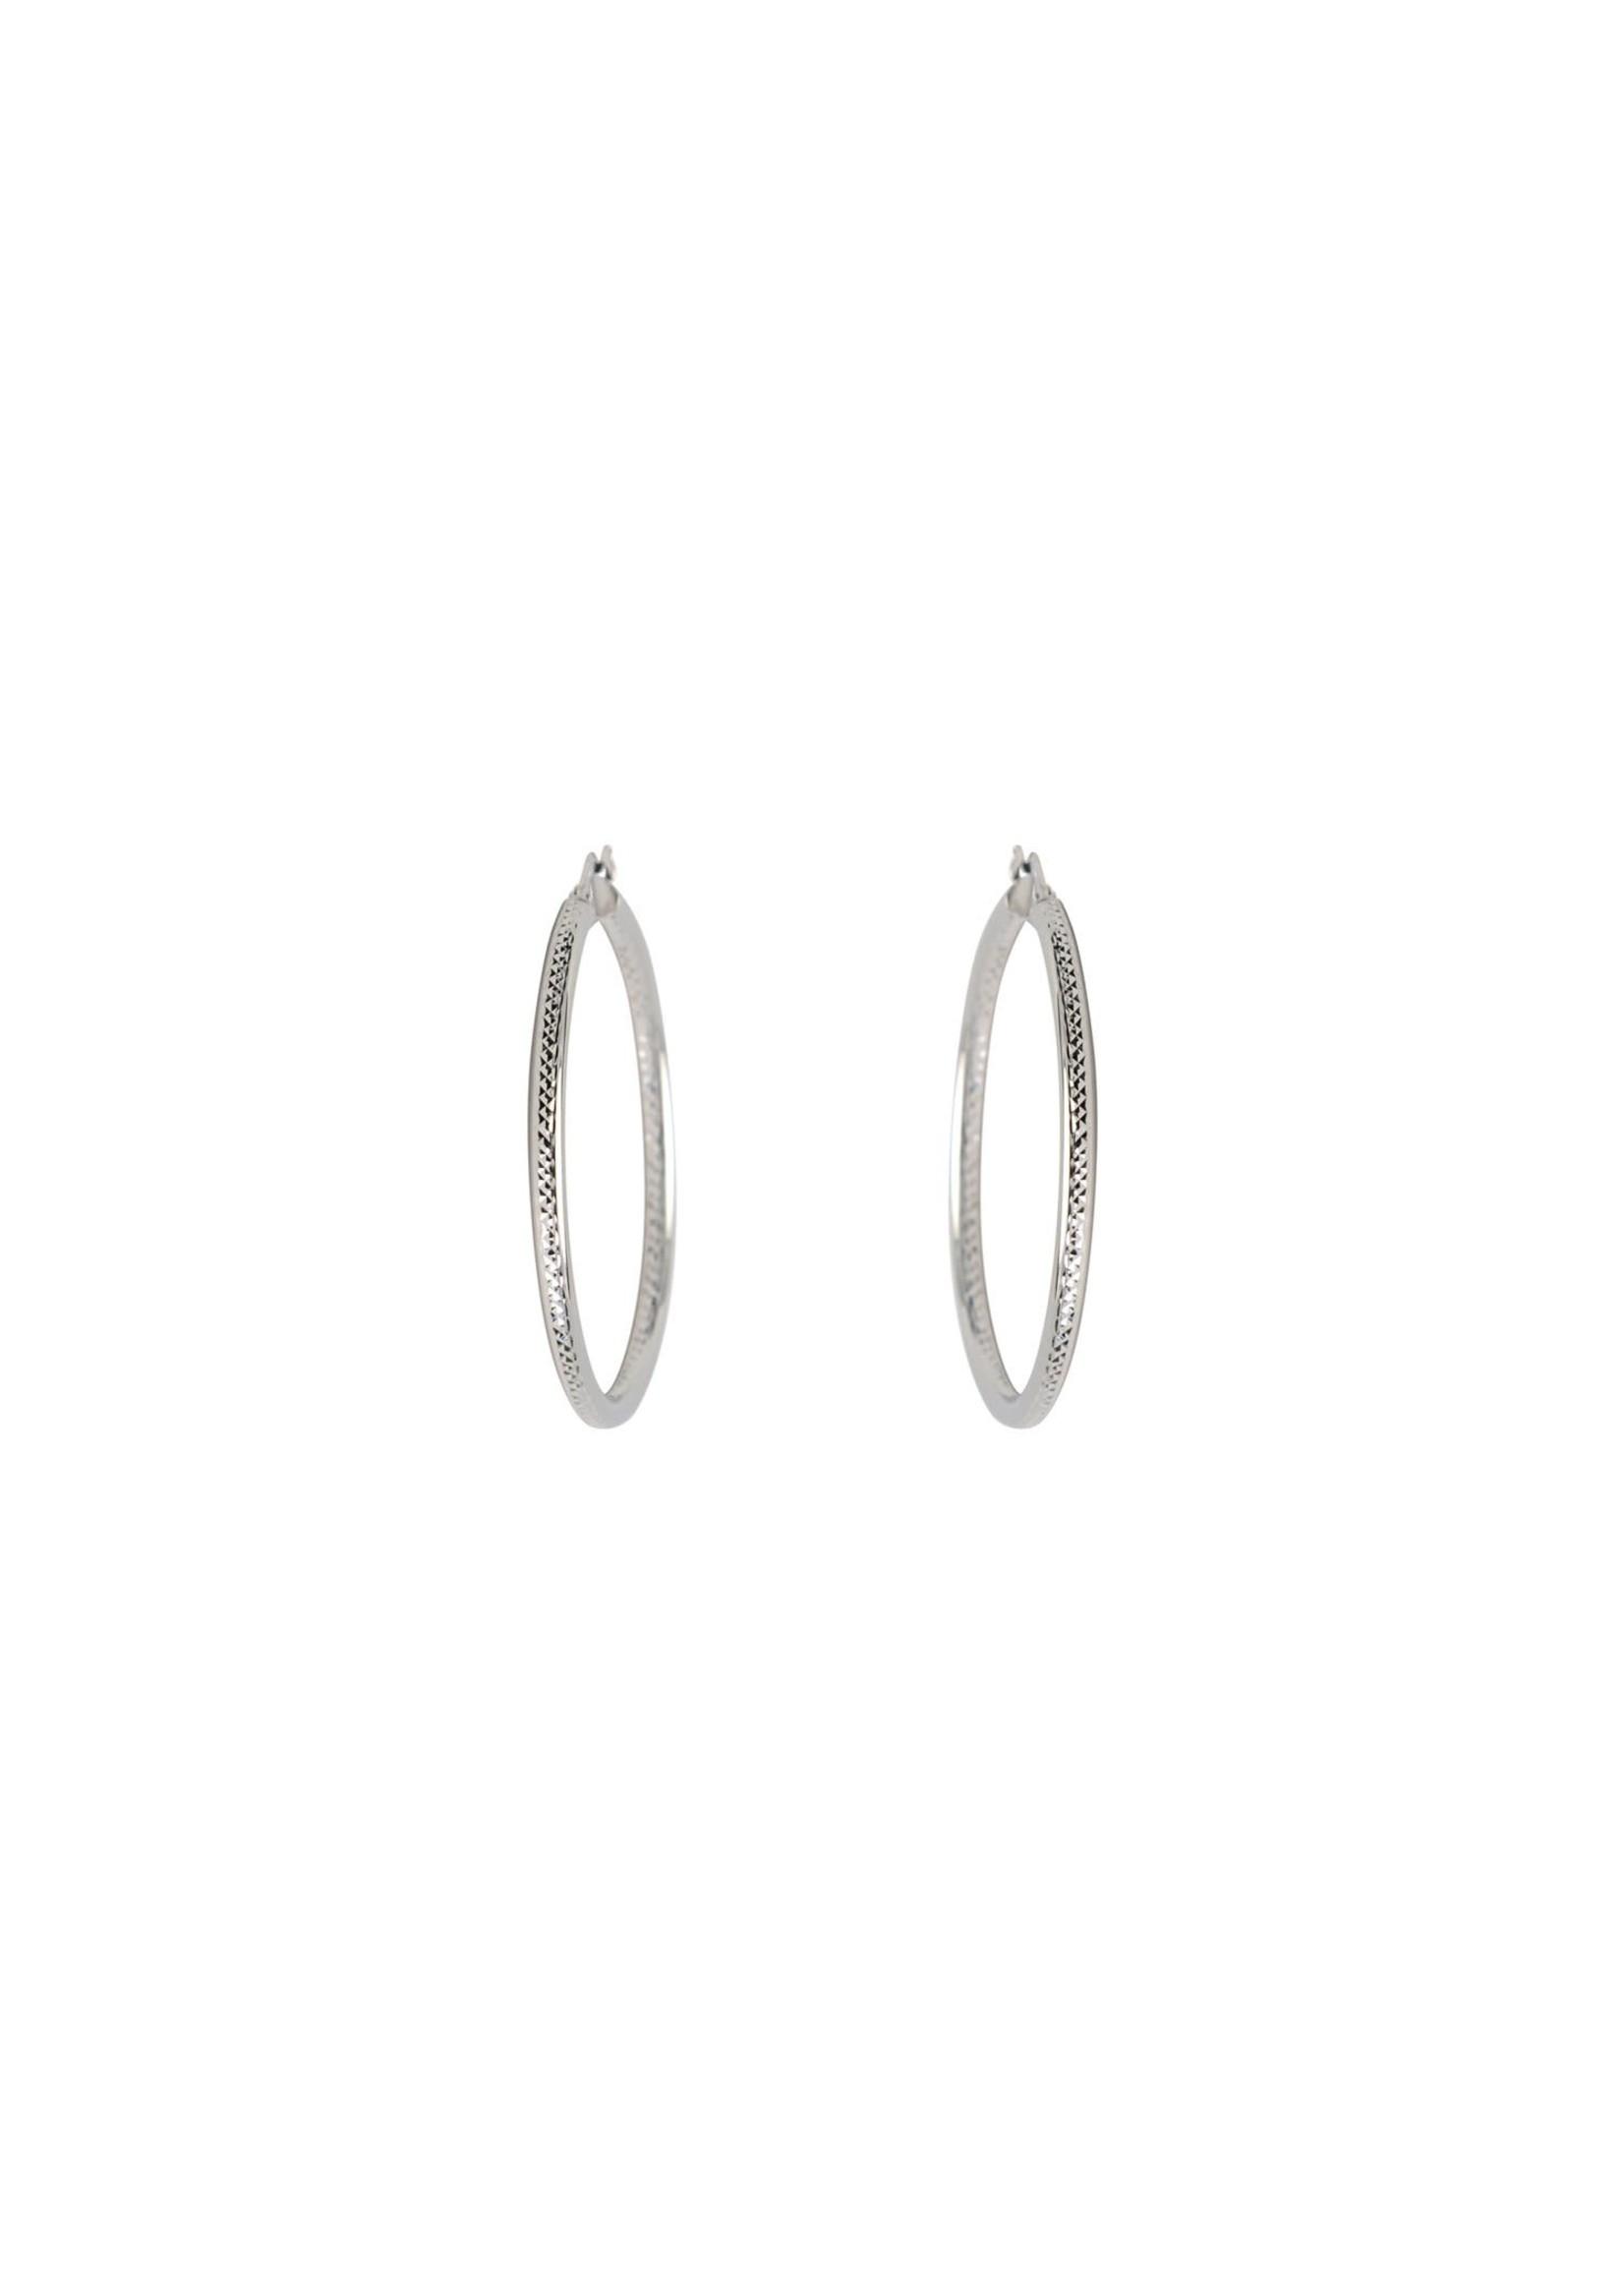 Boucles d'oreilles Anneaux tube créole Or blanc 10K